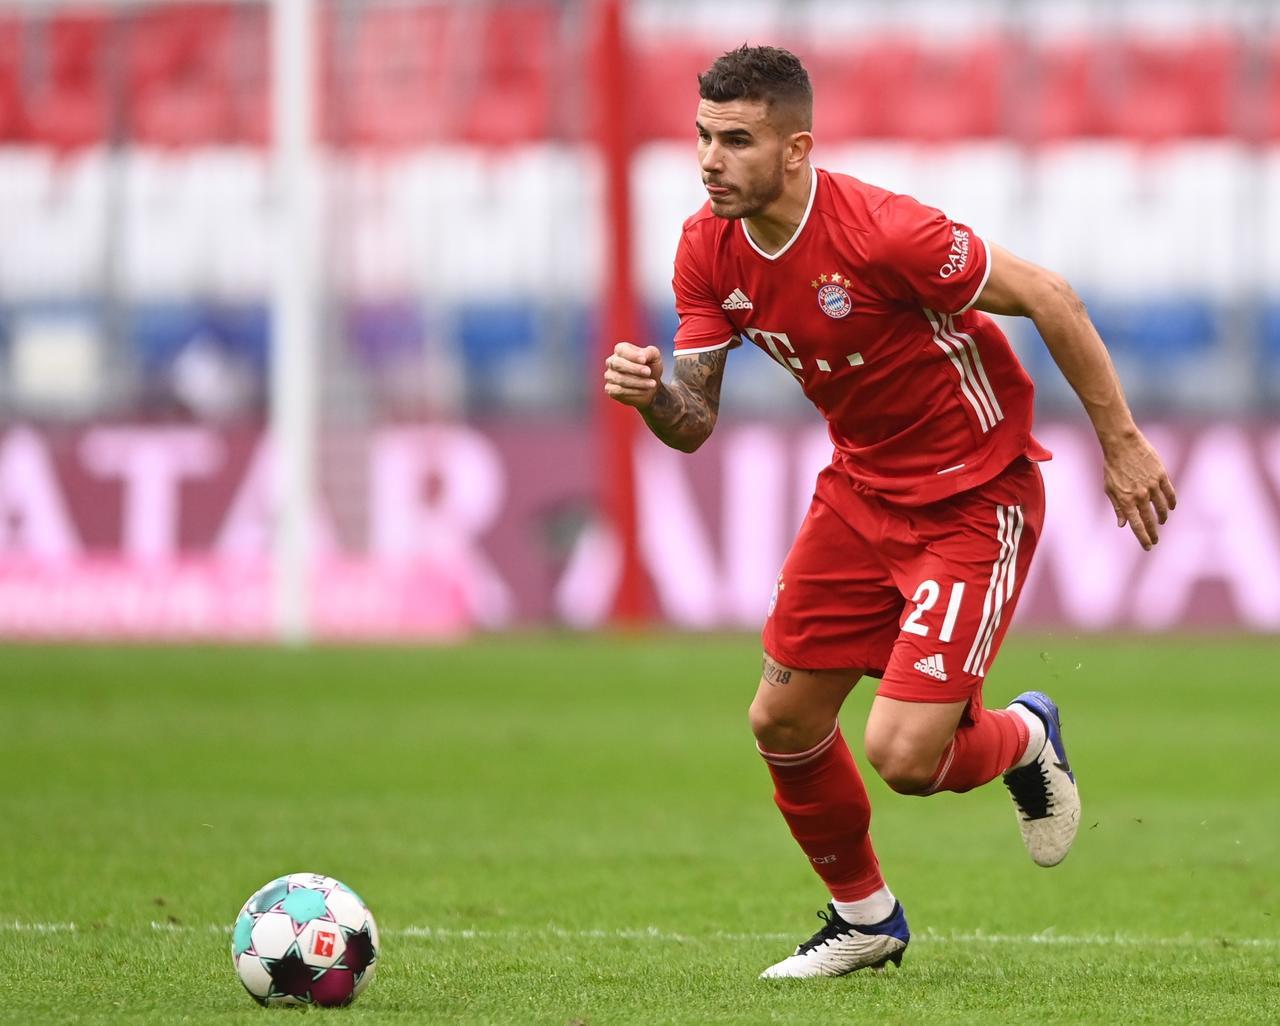 El jugador del Bayern, Lucas Hernández, afronta sentencia de prisión en España por violar orden alejamiento. Noticias en tiempo real